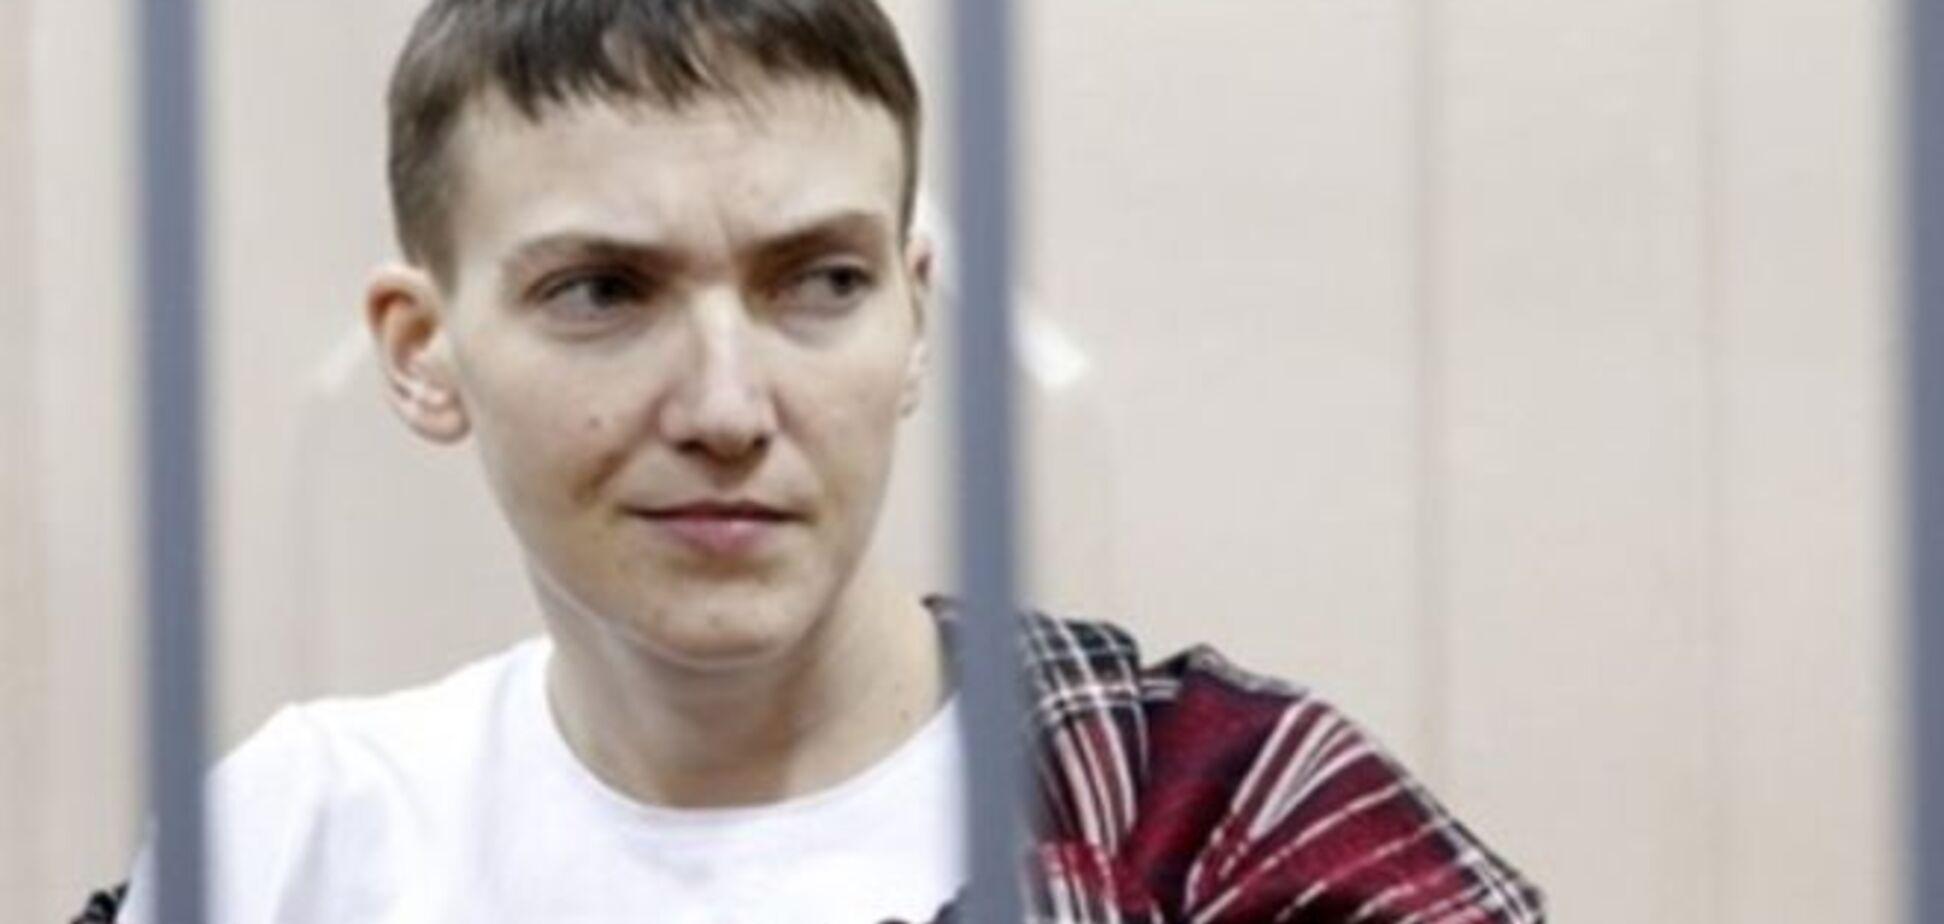 Следком России хочет оставить Савченко за решеткой еще на полгода